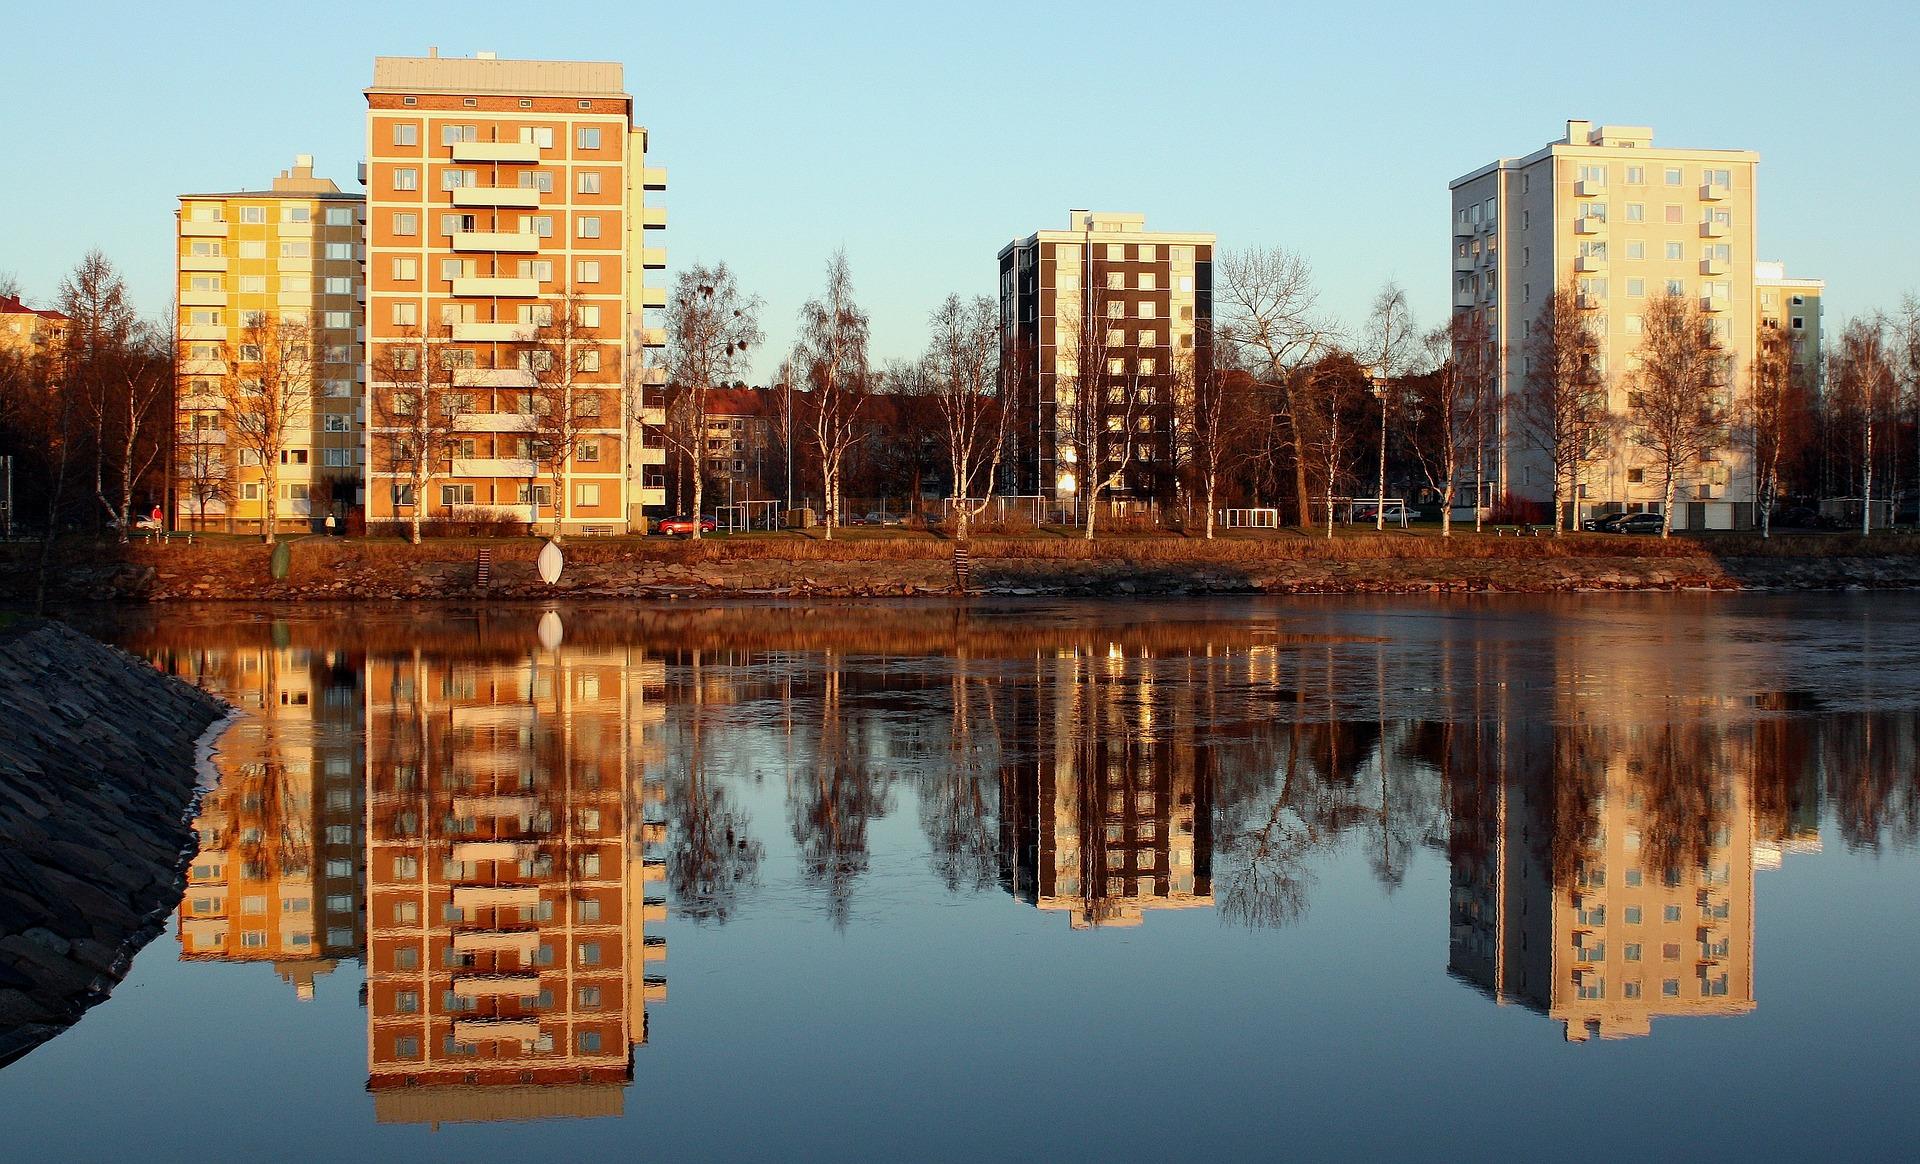 Asumiskulut kerrostaloissa olivat kalliimmat verrattuina muihin asumismuotoihin.